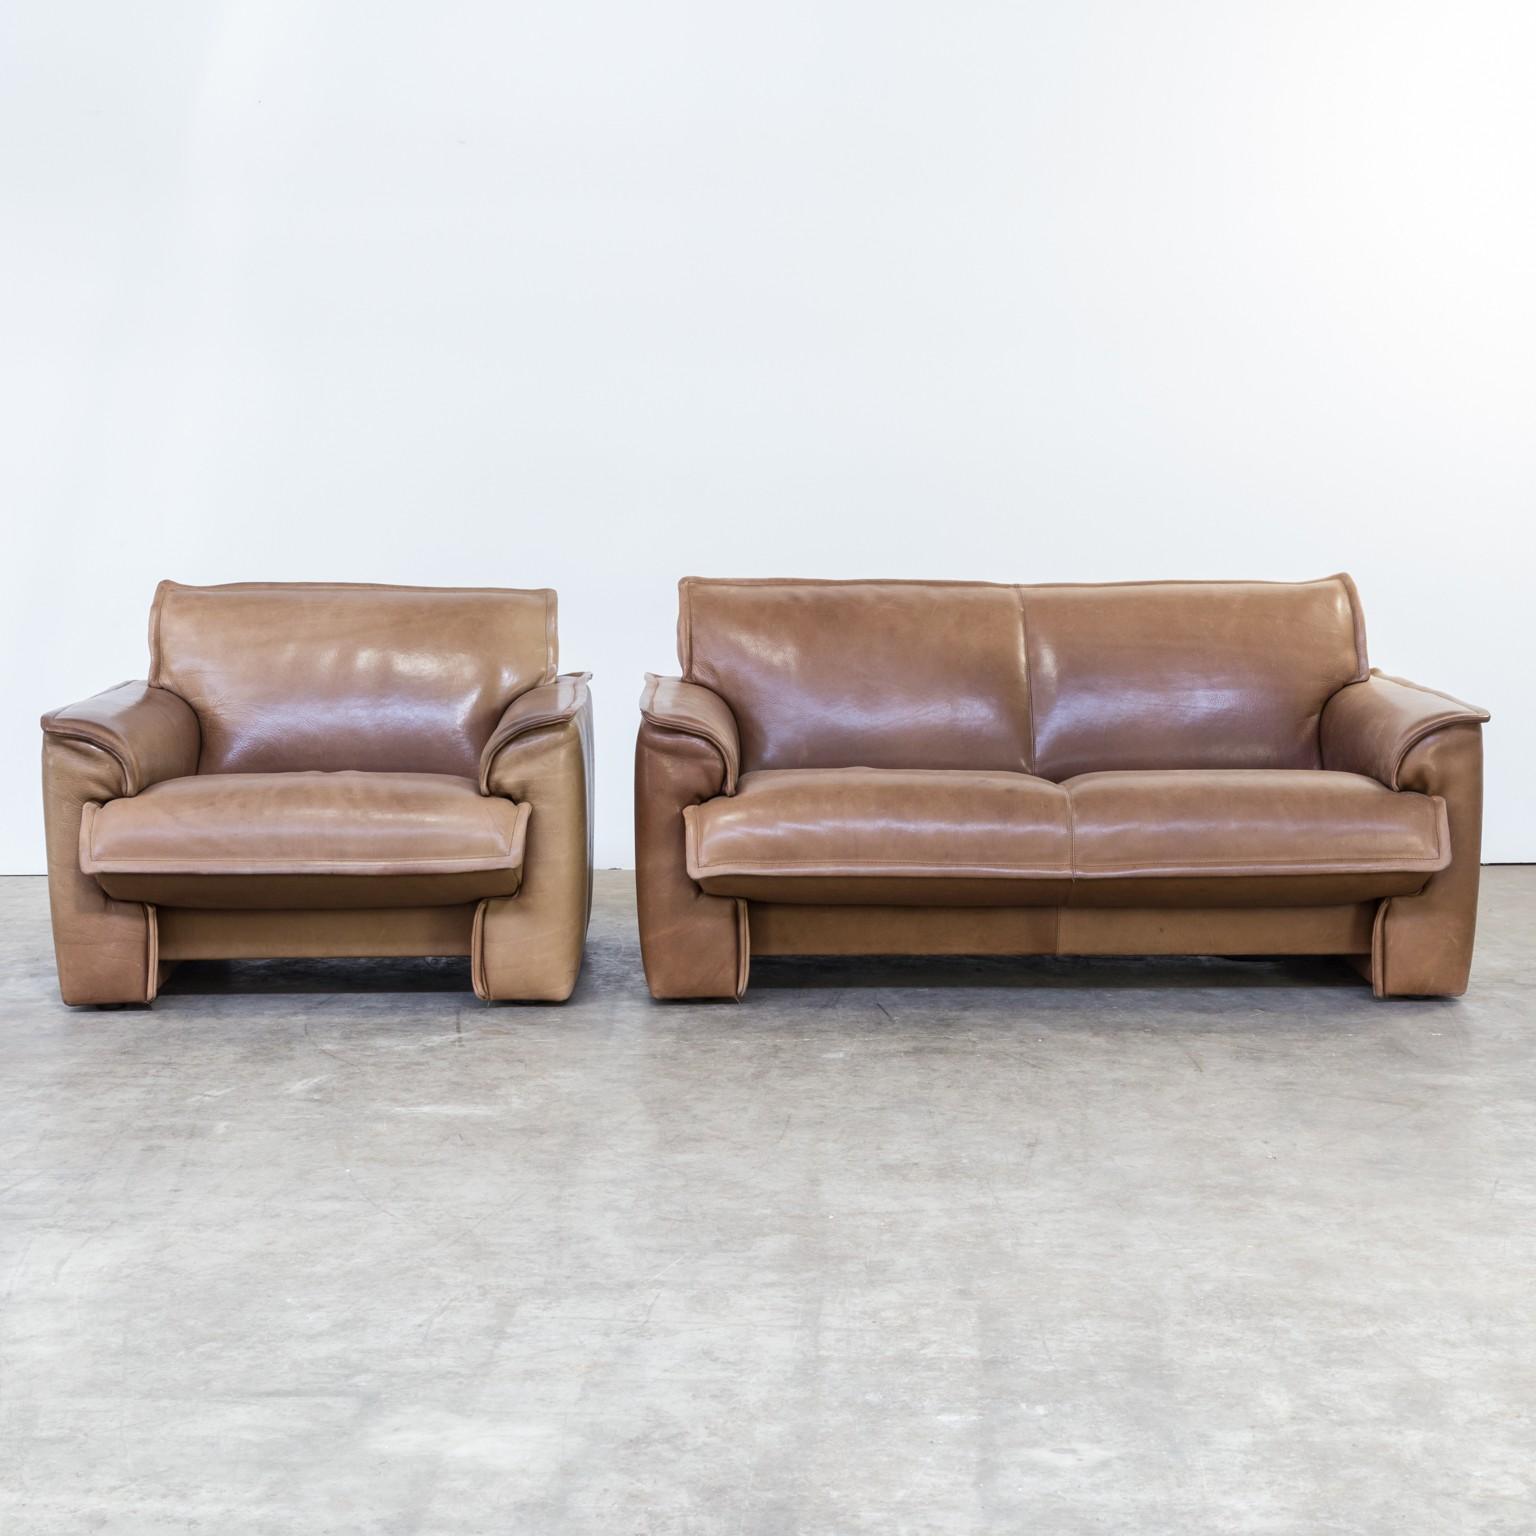 Vintage living room set by Leolux - 1970s - Design Market